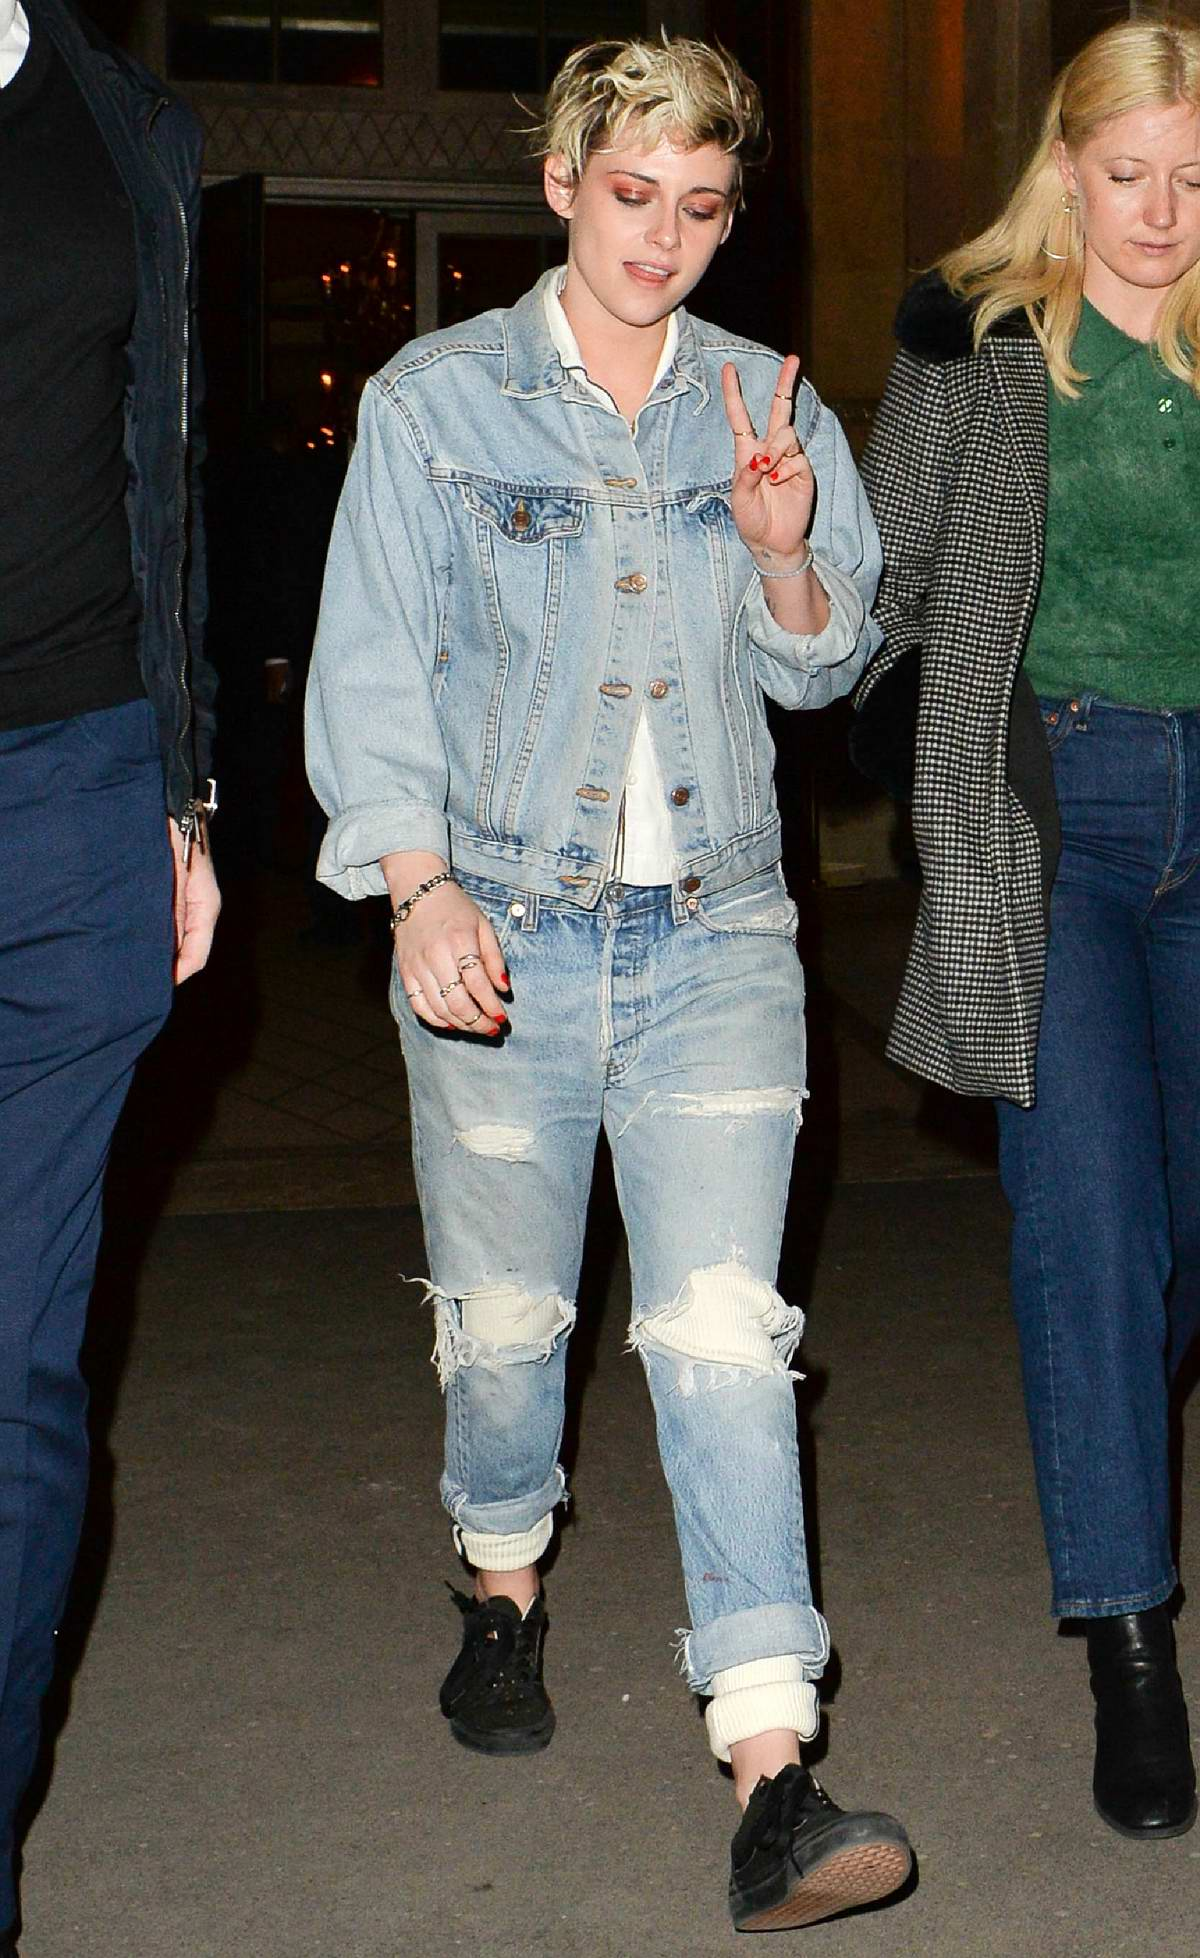 Kristen Stewart Flashes Peach Sign As She Leaves The Louis Vuitton